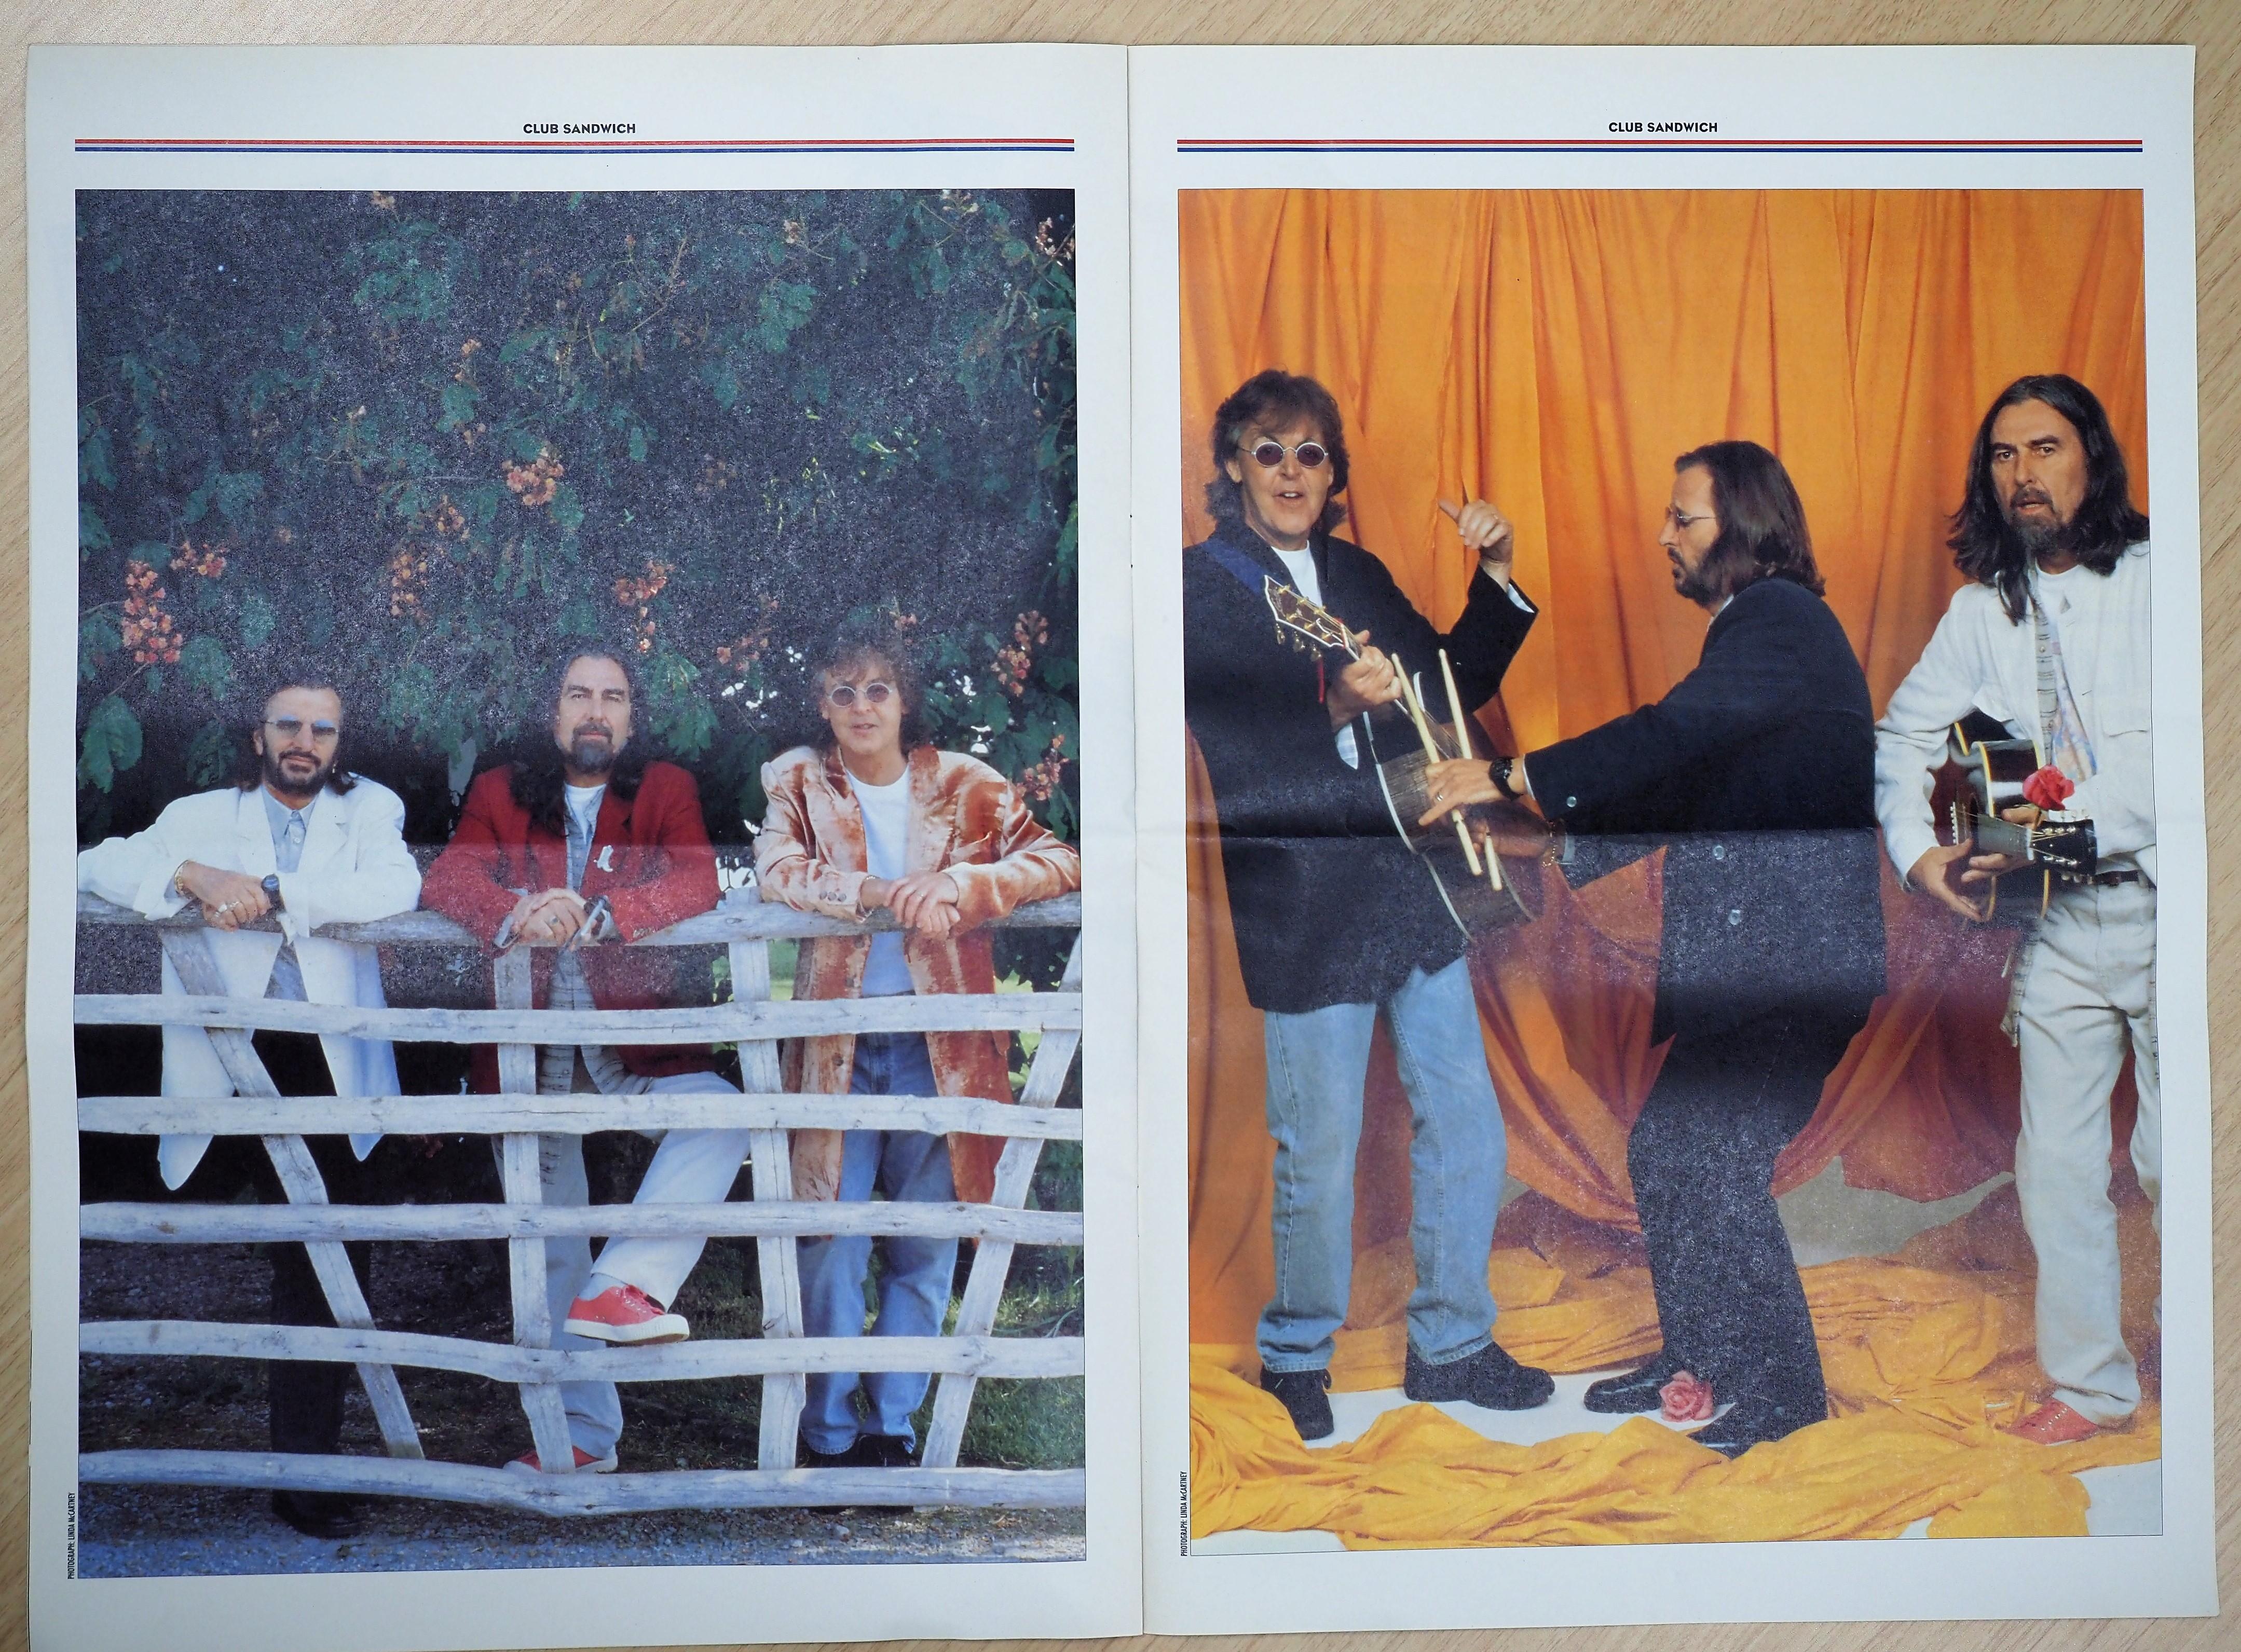 『クラブ・サンドイッチ』(1995年WINTER No76)に収められた、リンゴ、ポール、ジョージの写真。